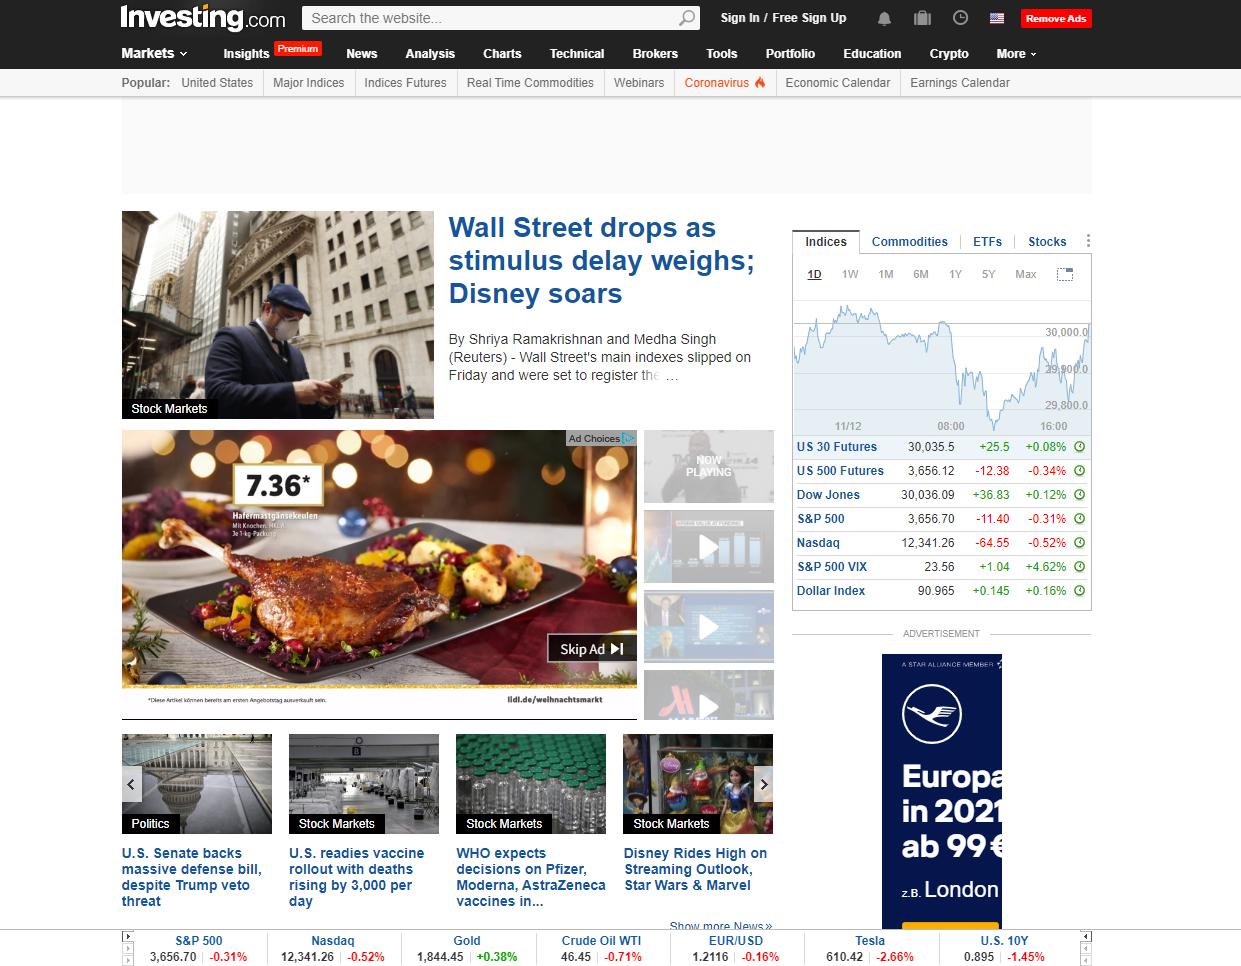 Investing.com website